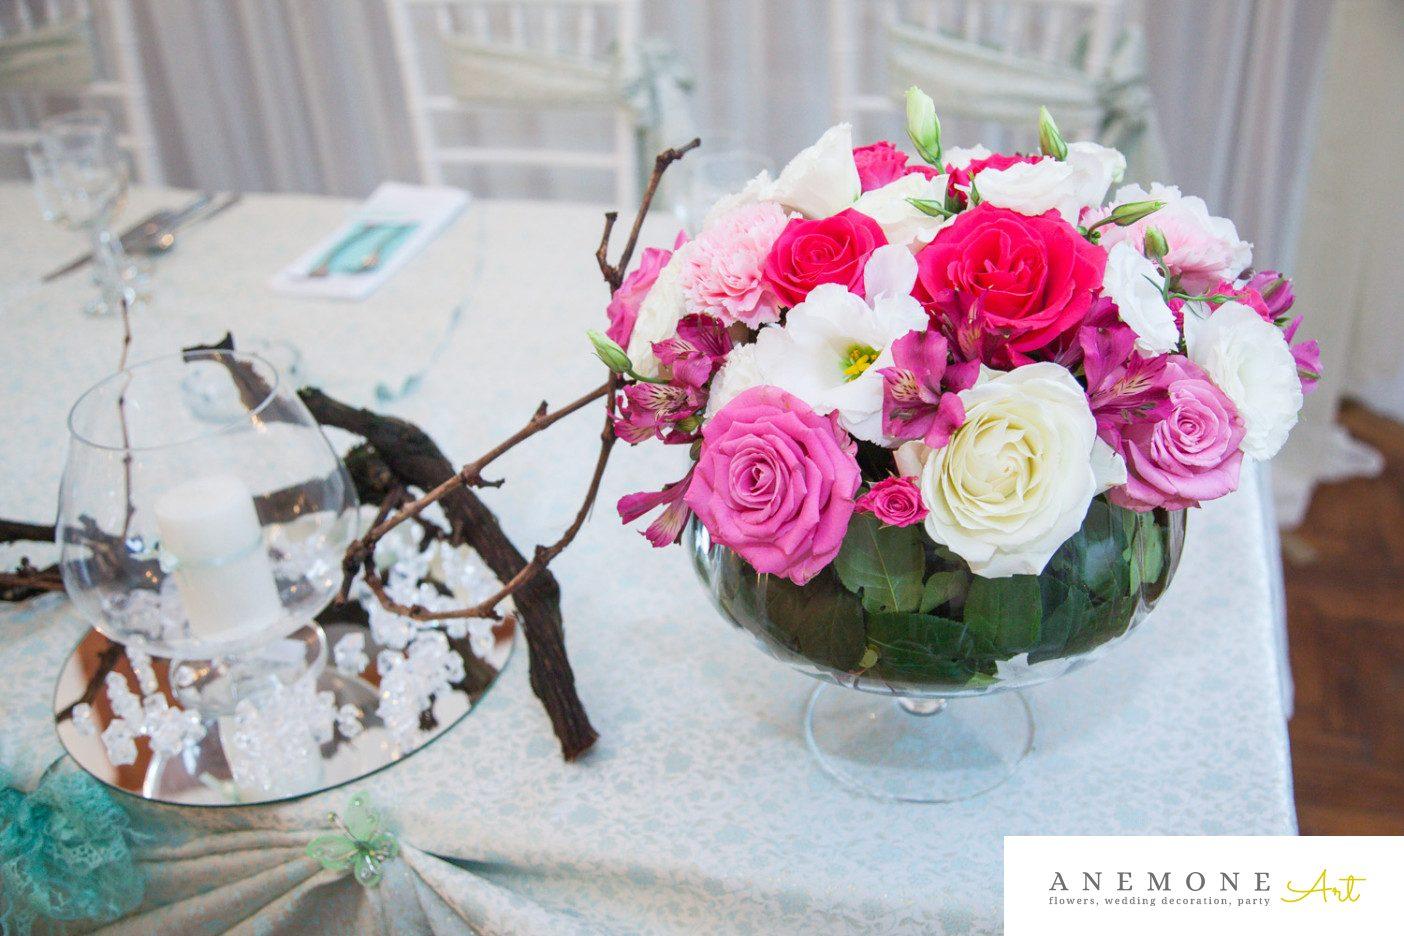 Poza, foto cu Flori de nunta crengi, prezidiu, roz, ticlam in Arad, Timisoara, Oradea (wedding flowers, bouquets) nunta Arad, Timisoara, Oradea